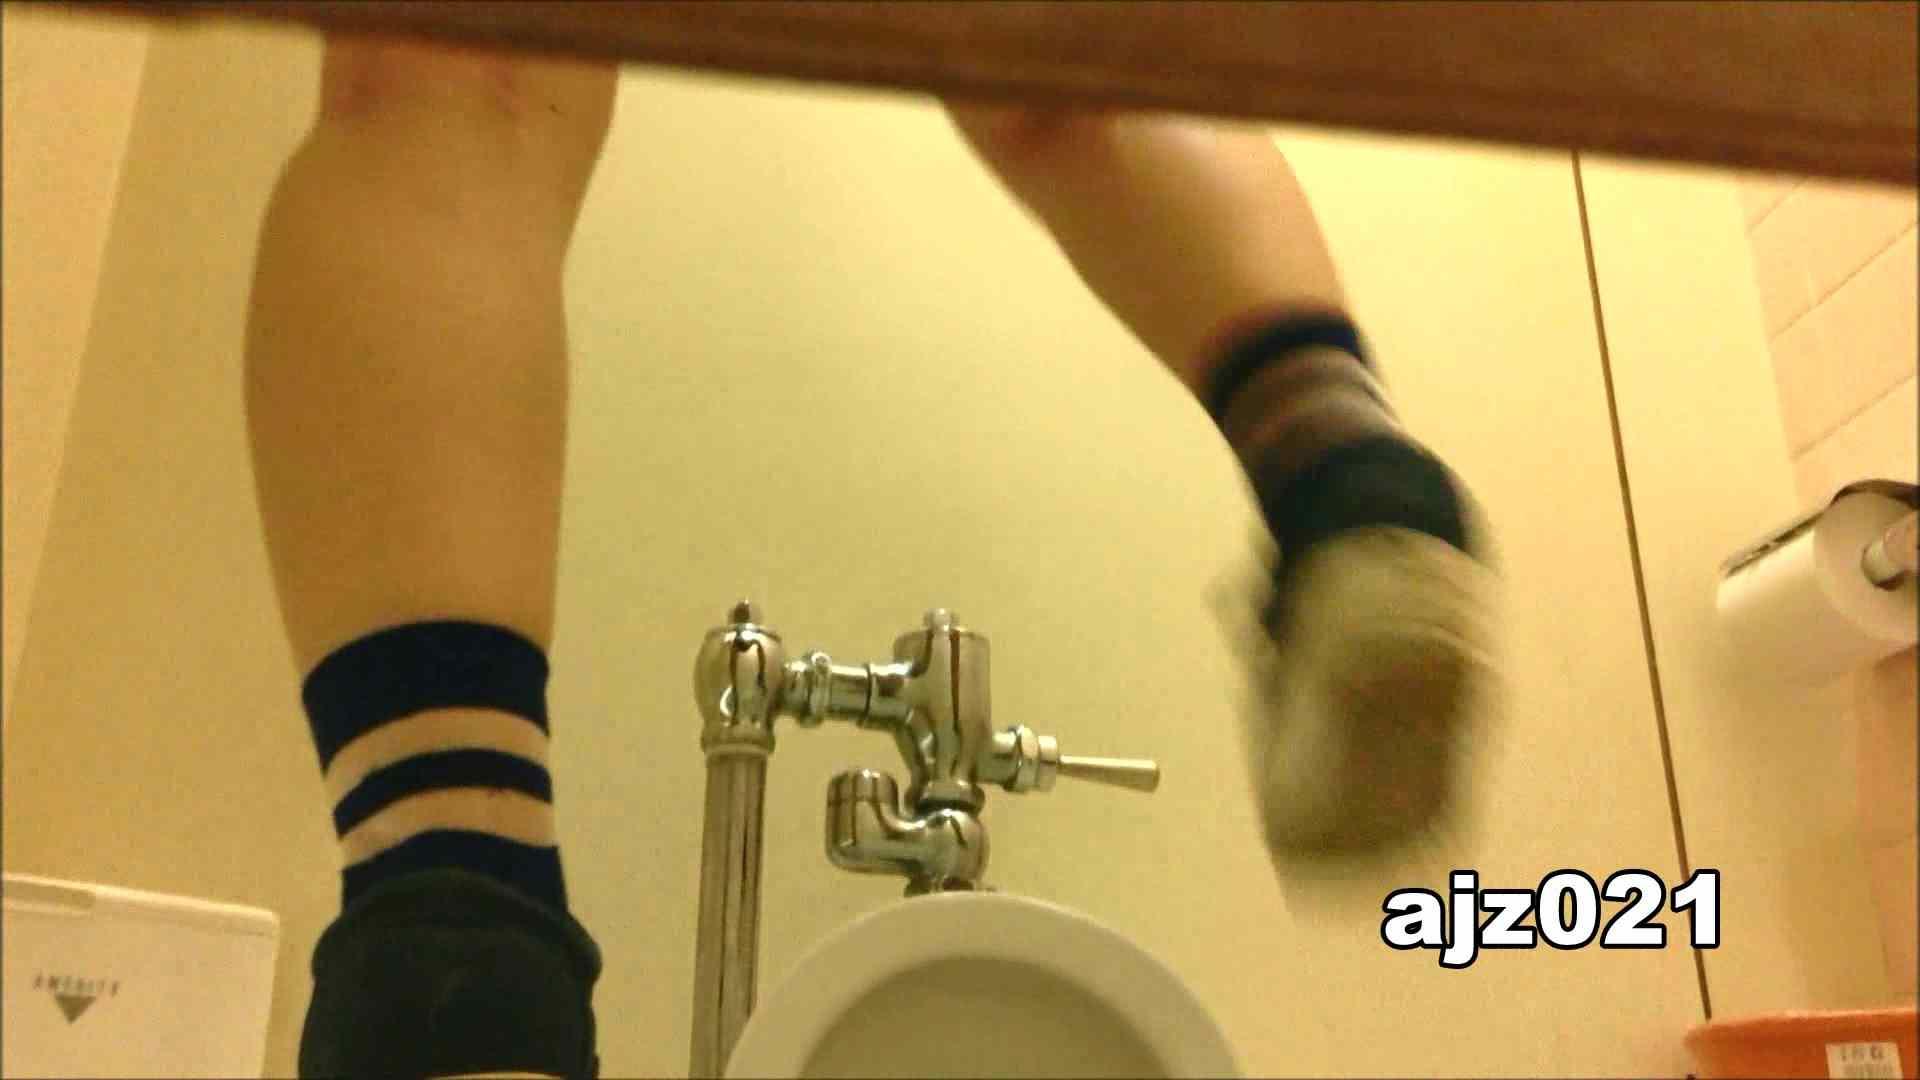 某有名大学女性洗面所 vol.21 和式トイレ すけべAV動画紹介 91pic 67